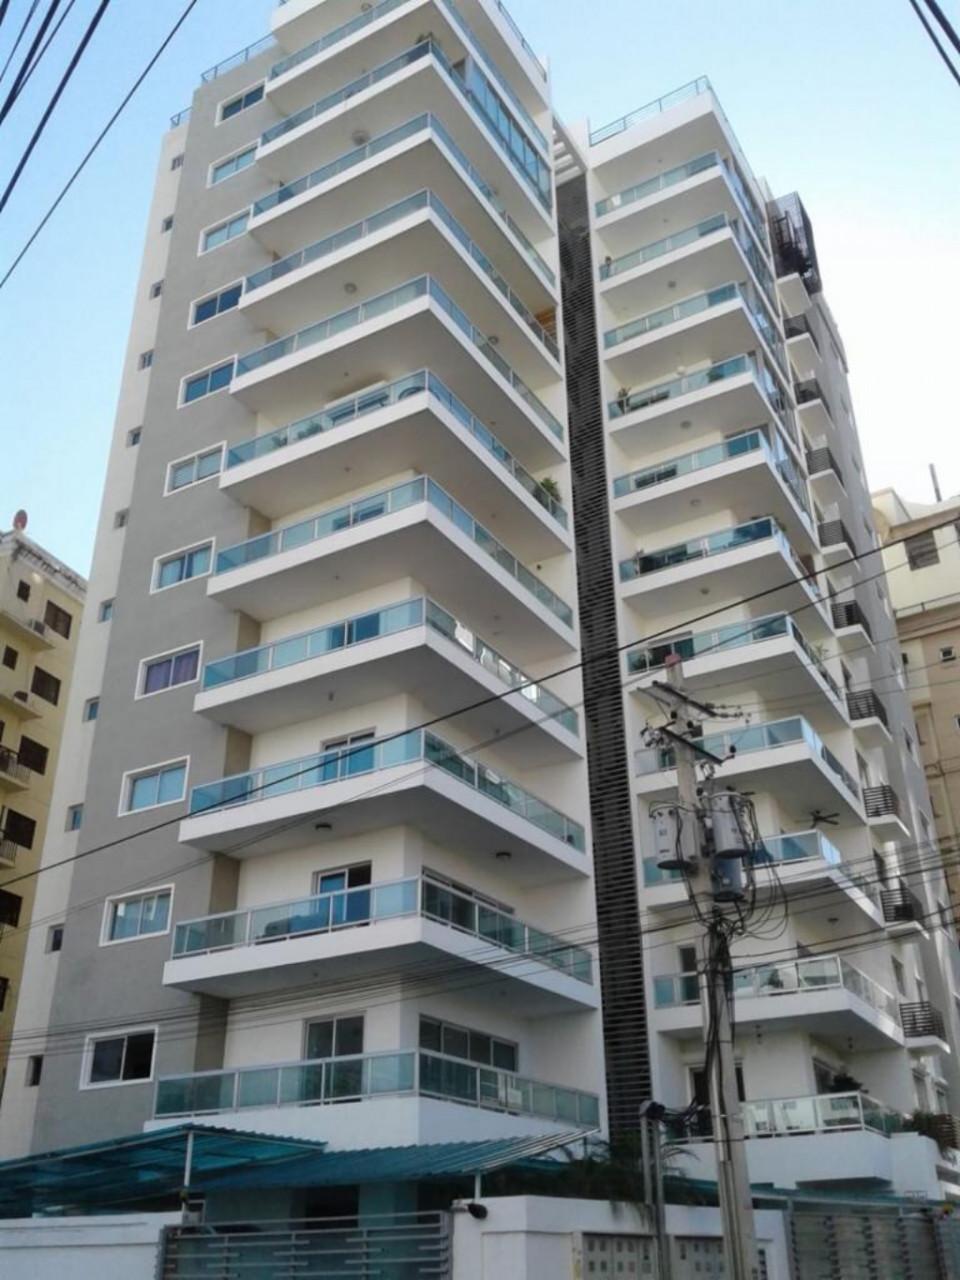 Apartamento en venta en el sector ENSANCHE NACO precio RD$ 8,975,000.00 RD$8,975,000